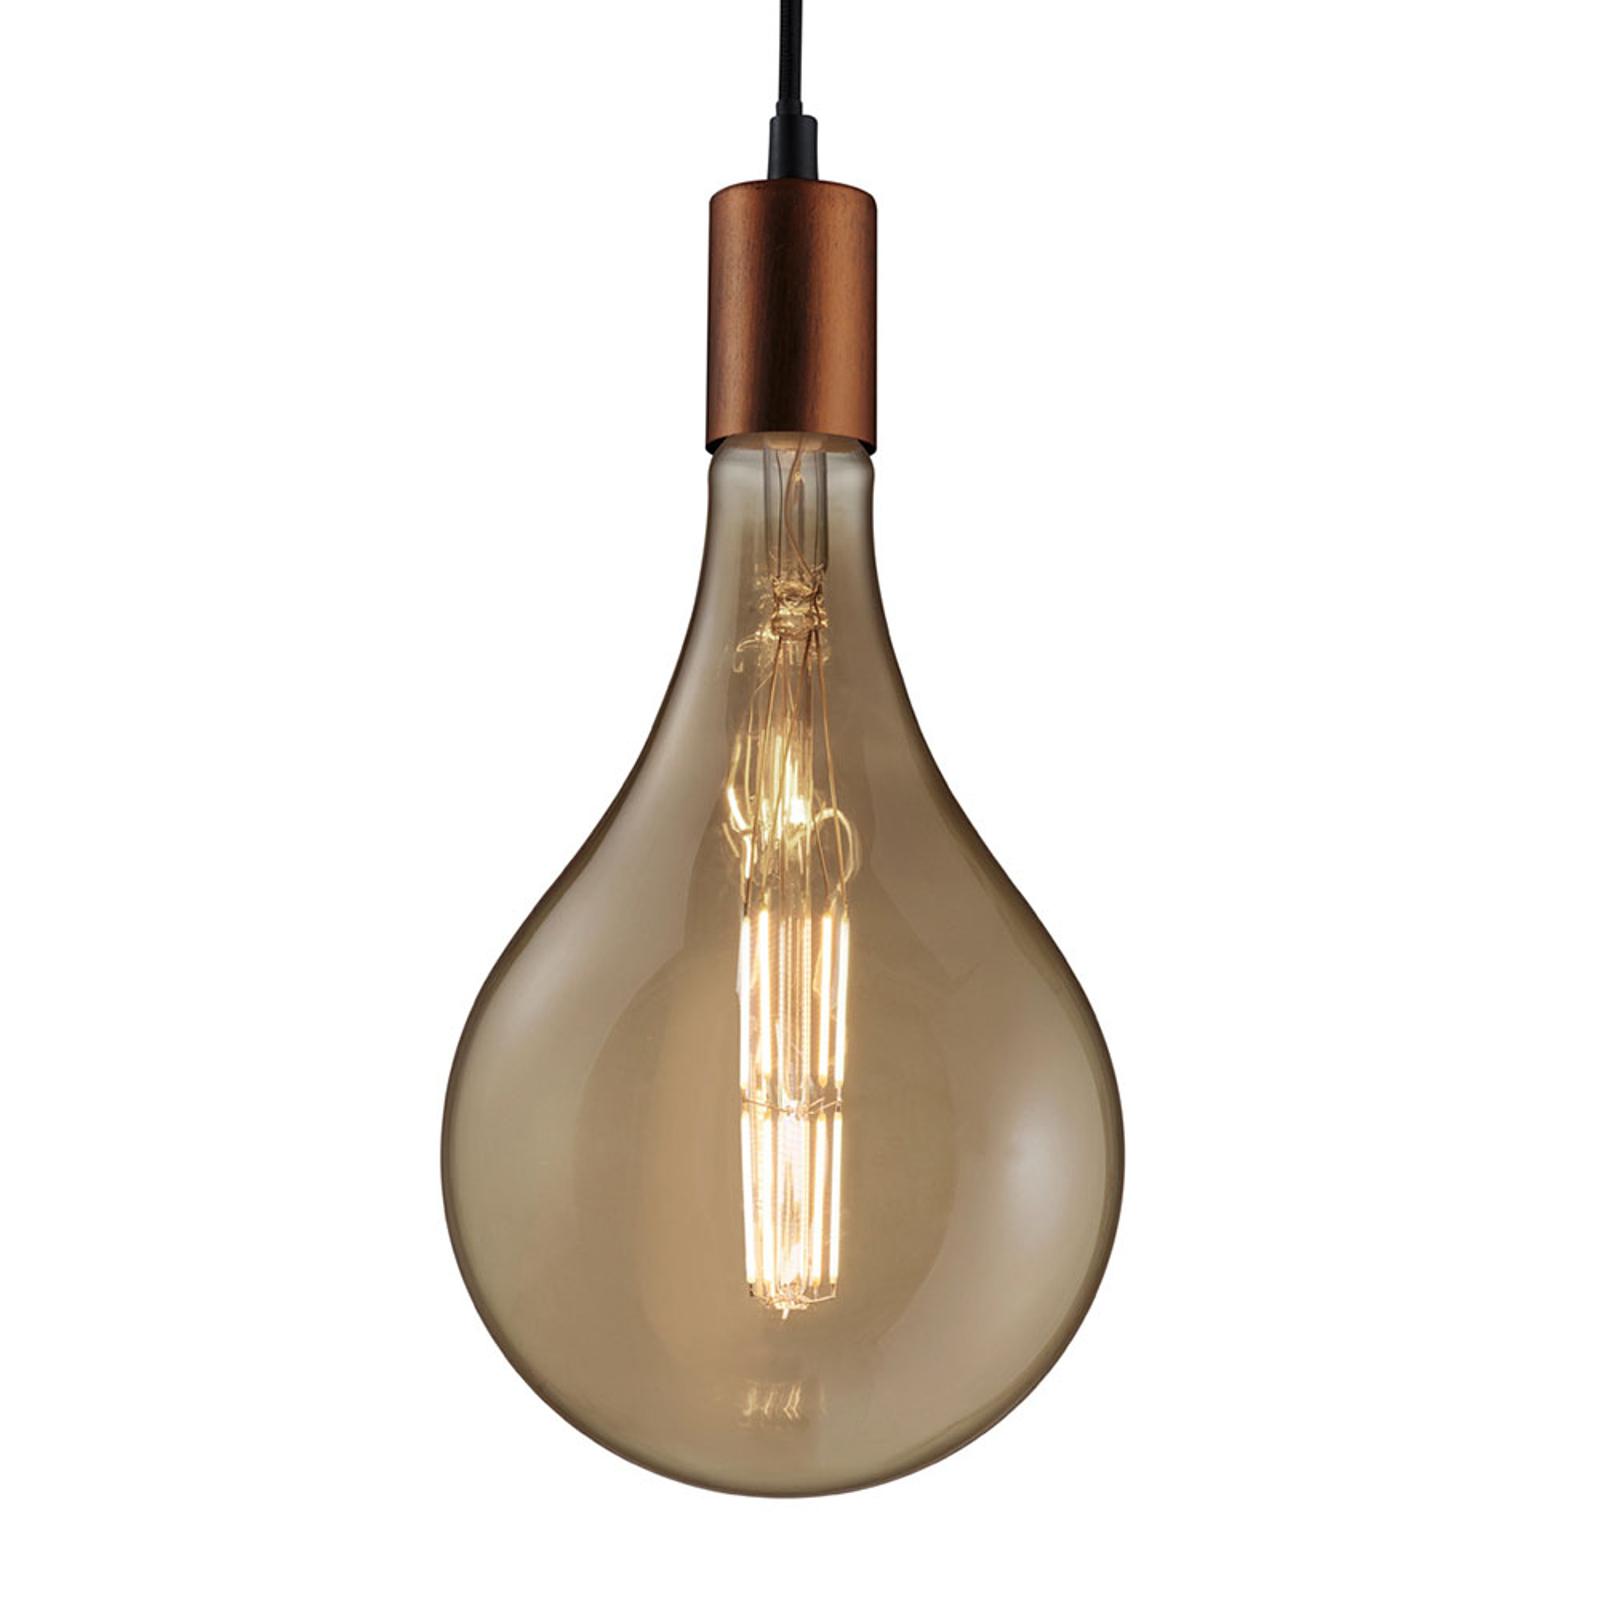 WiZ E27 Giant LED-dropplampa 7 W dim CCT filament